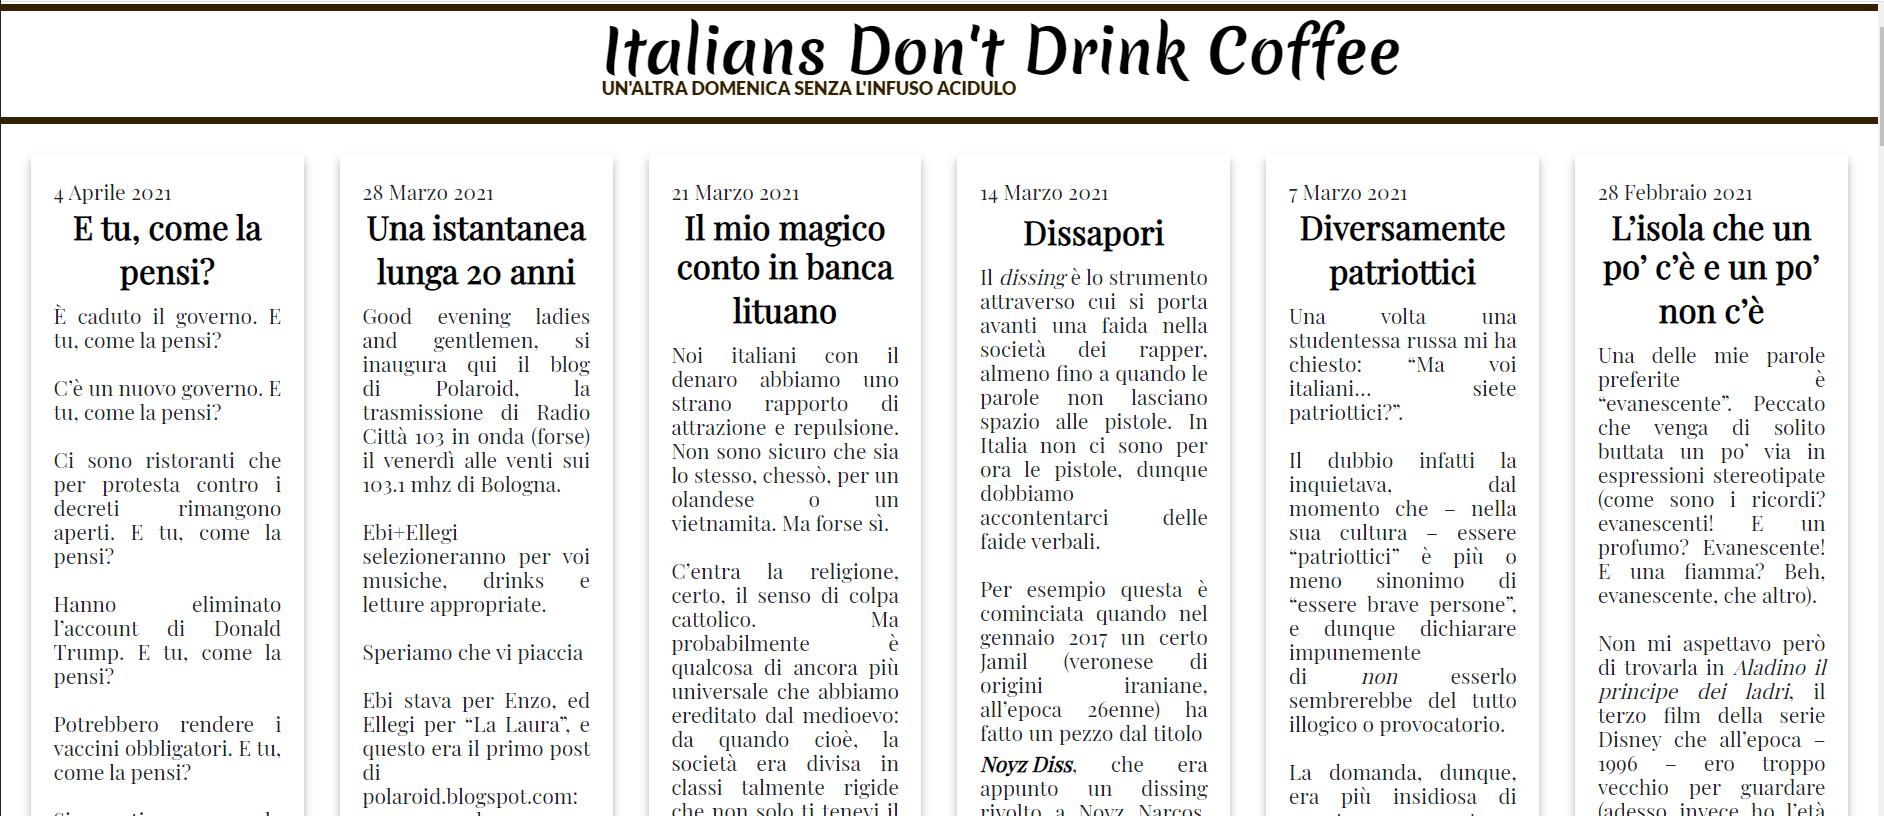 Italians Don't Drink Coffee: la blogletter della domenica